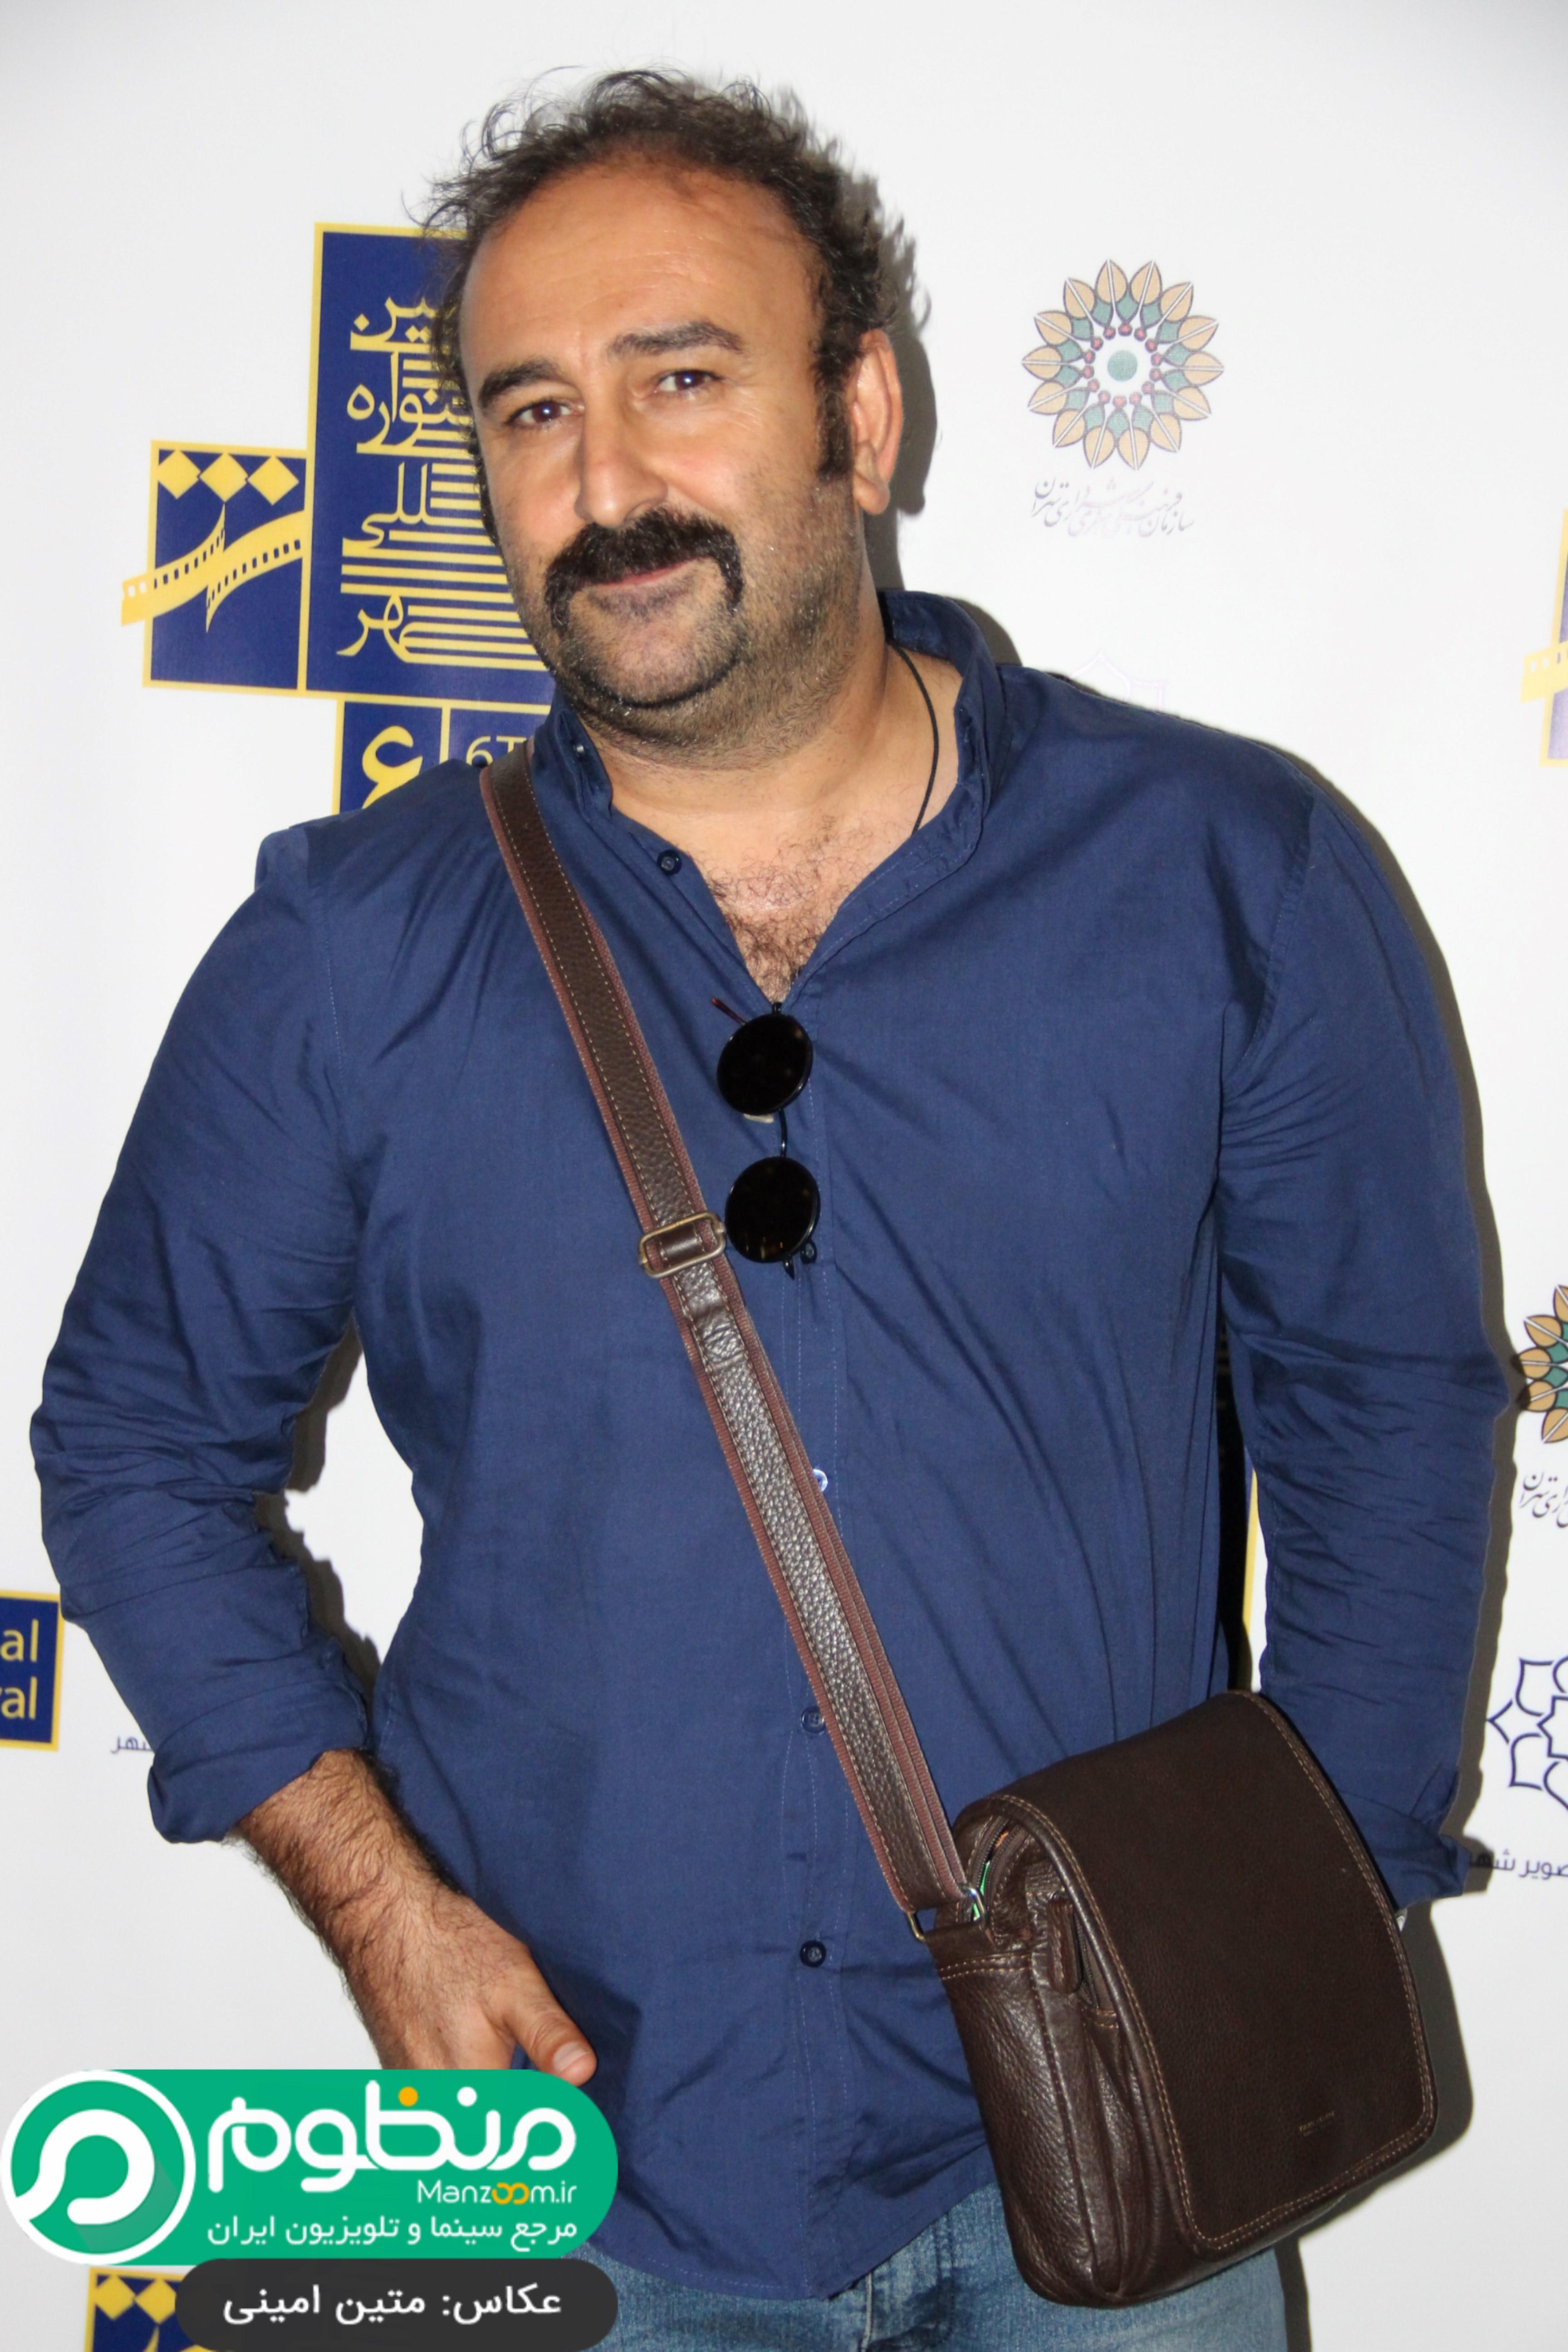 مهران احمدی در افتتاحیه فیلم 21 روز بعد